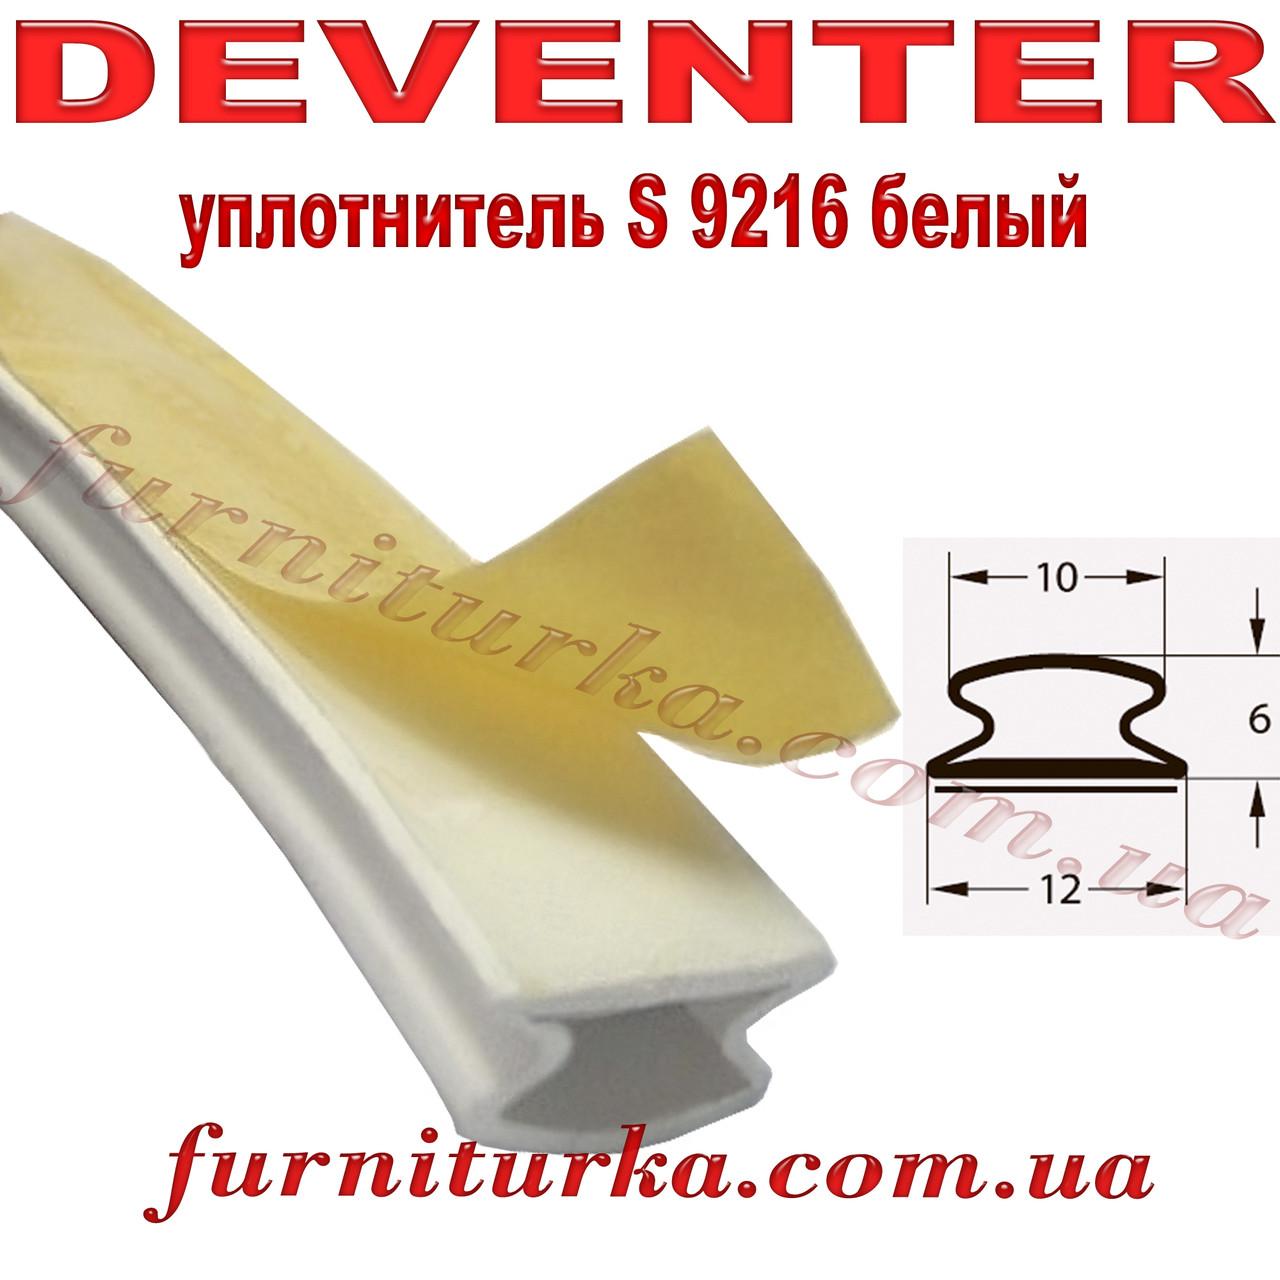 Уплотнитель дверной Deventer S 9216 белый самоклейка